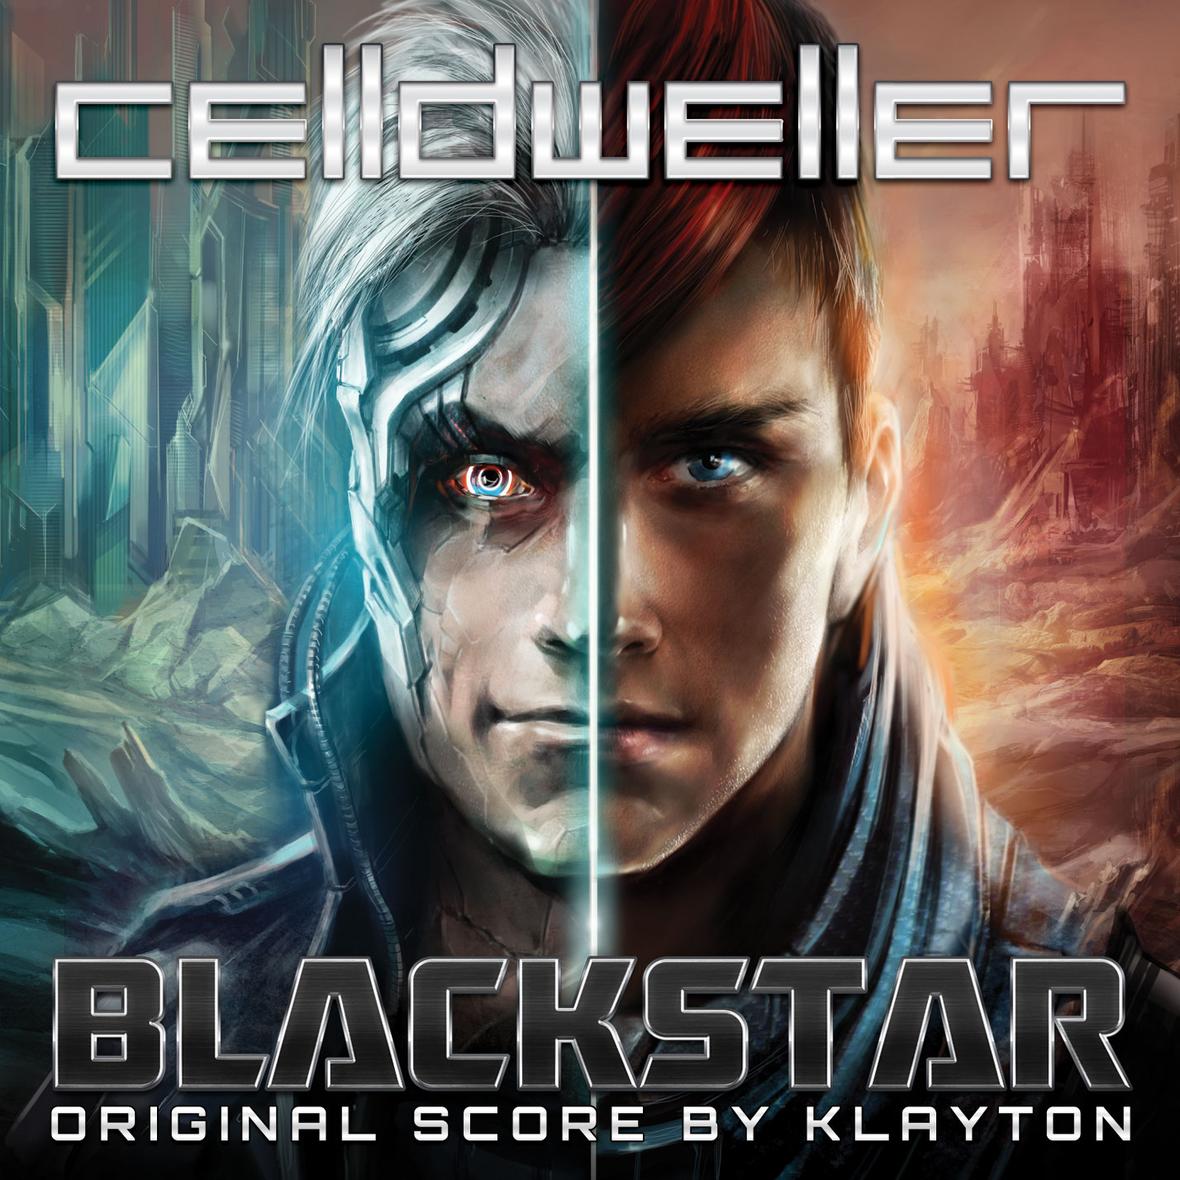 Celldweller-Blackstar-Final-Score-Art